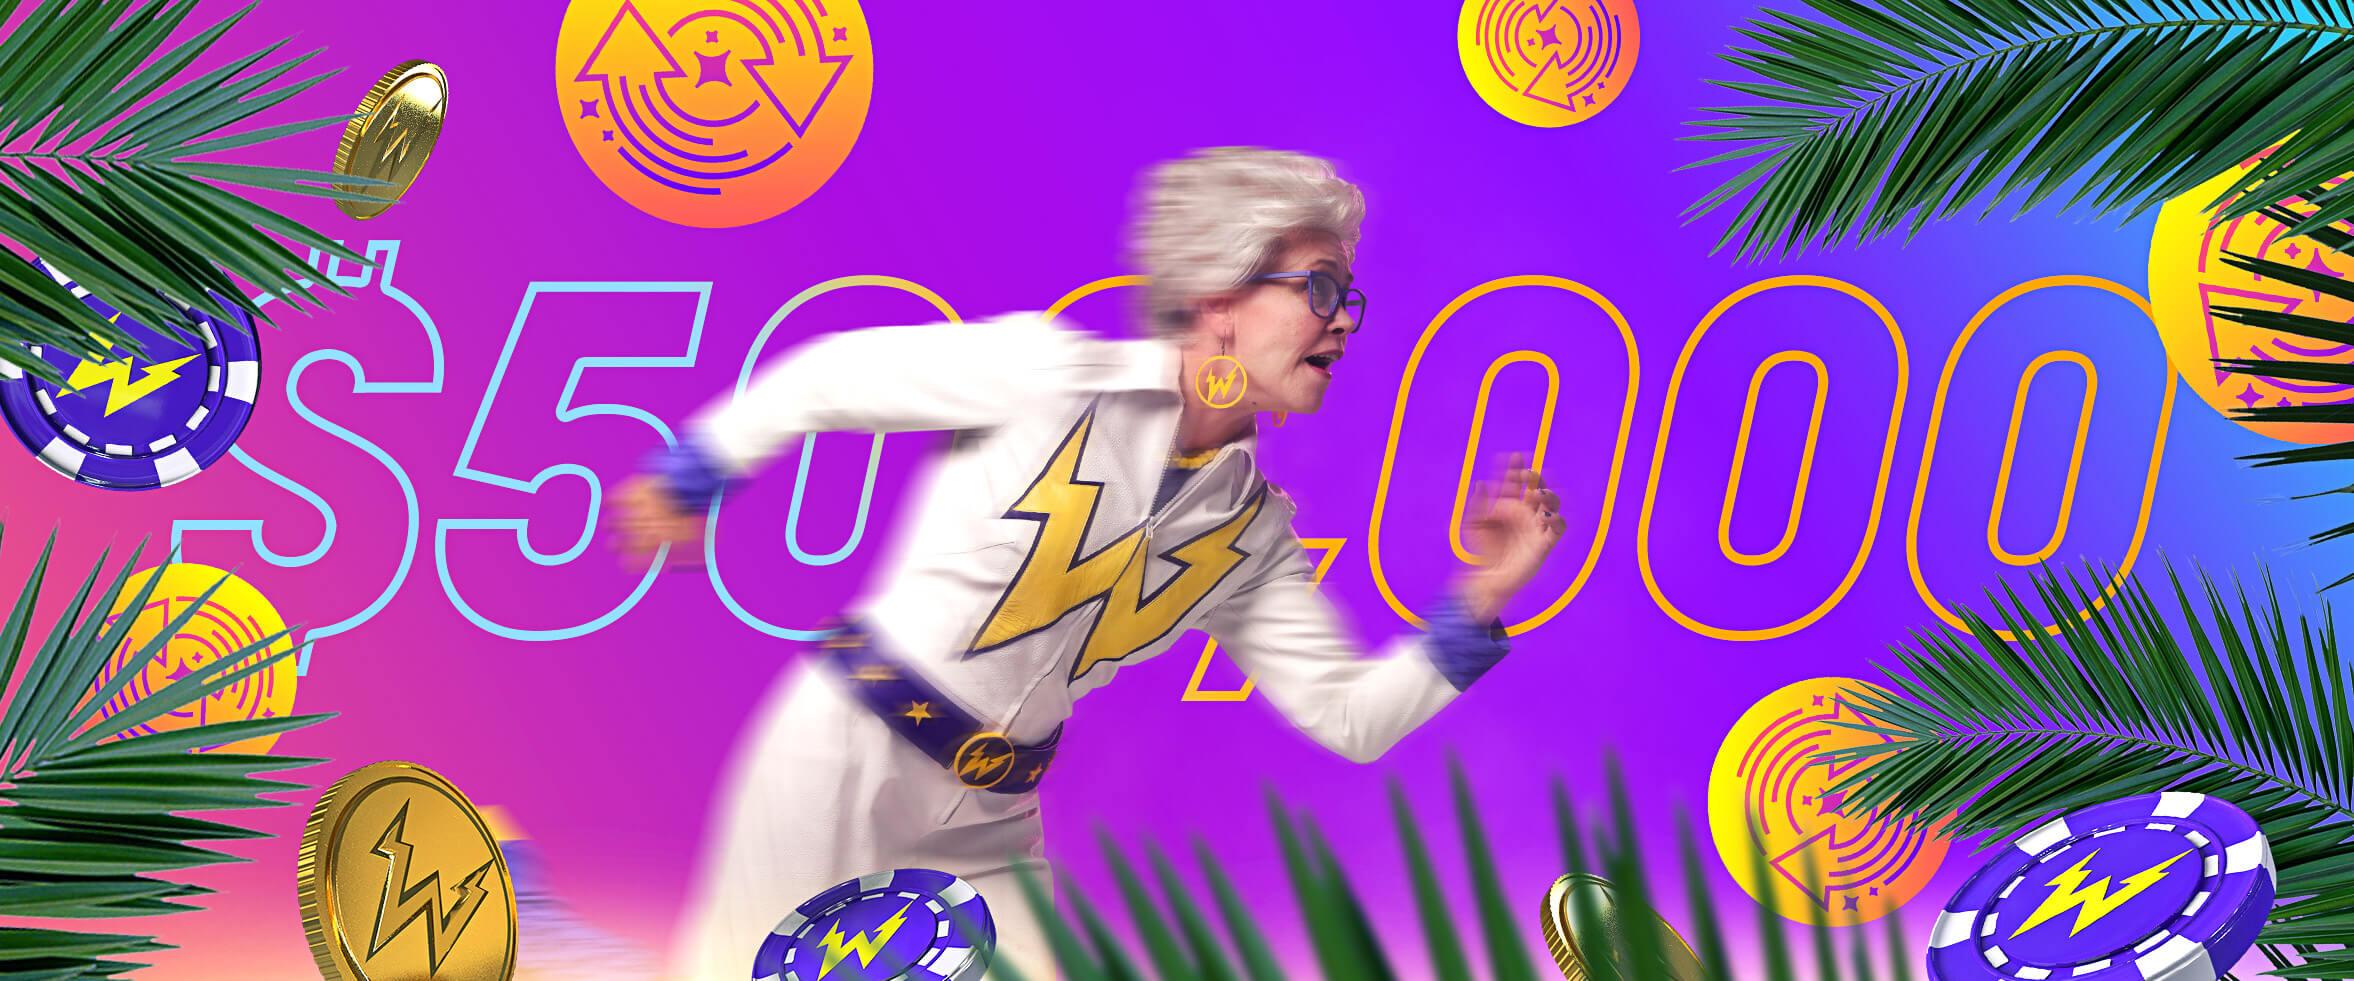 賞金総額5000万円 Drops & Winsでは今月賞金が倍に!